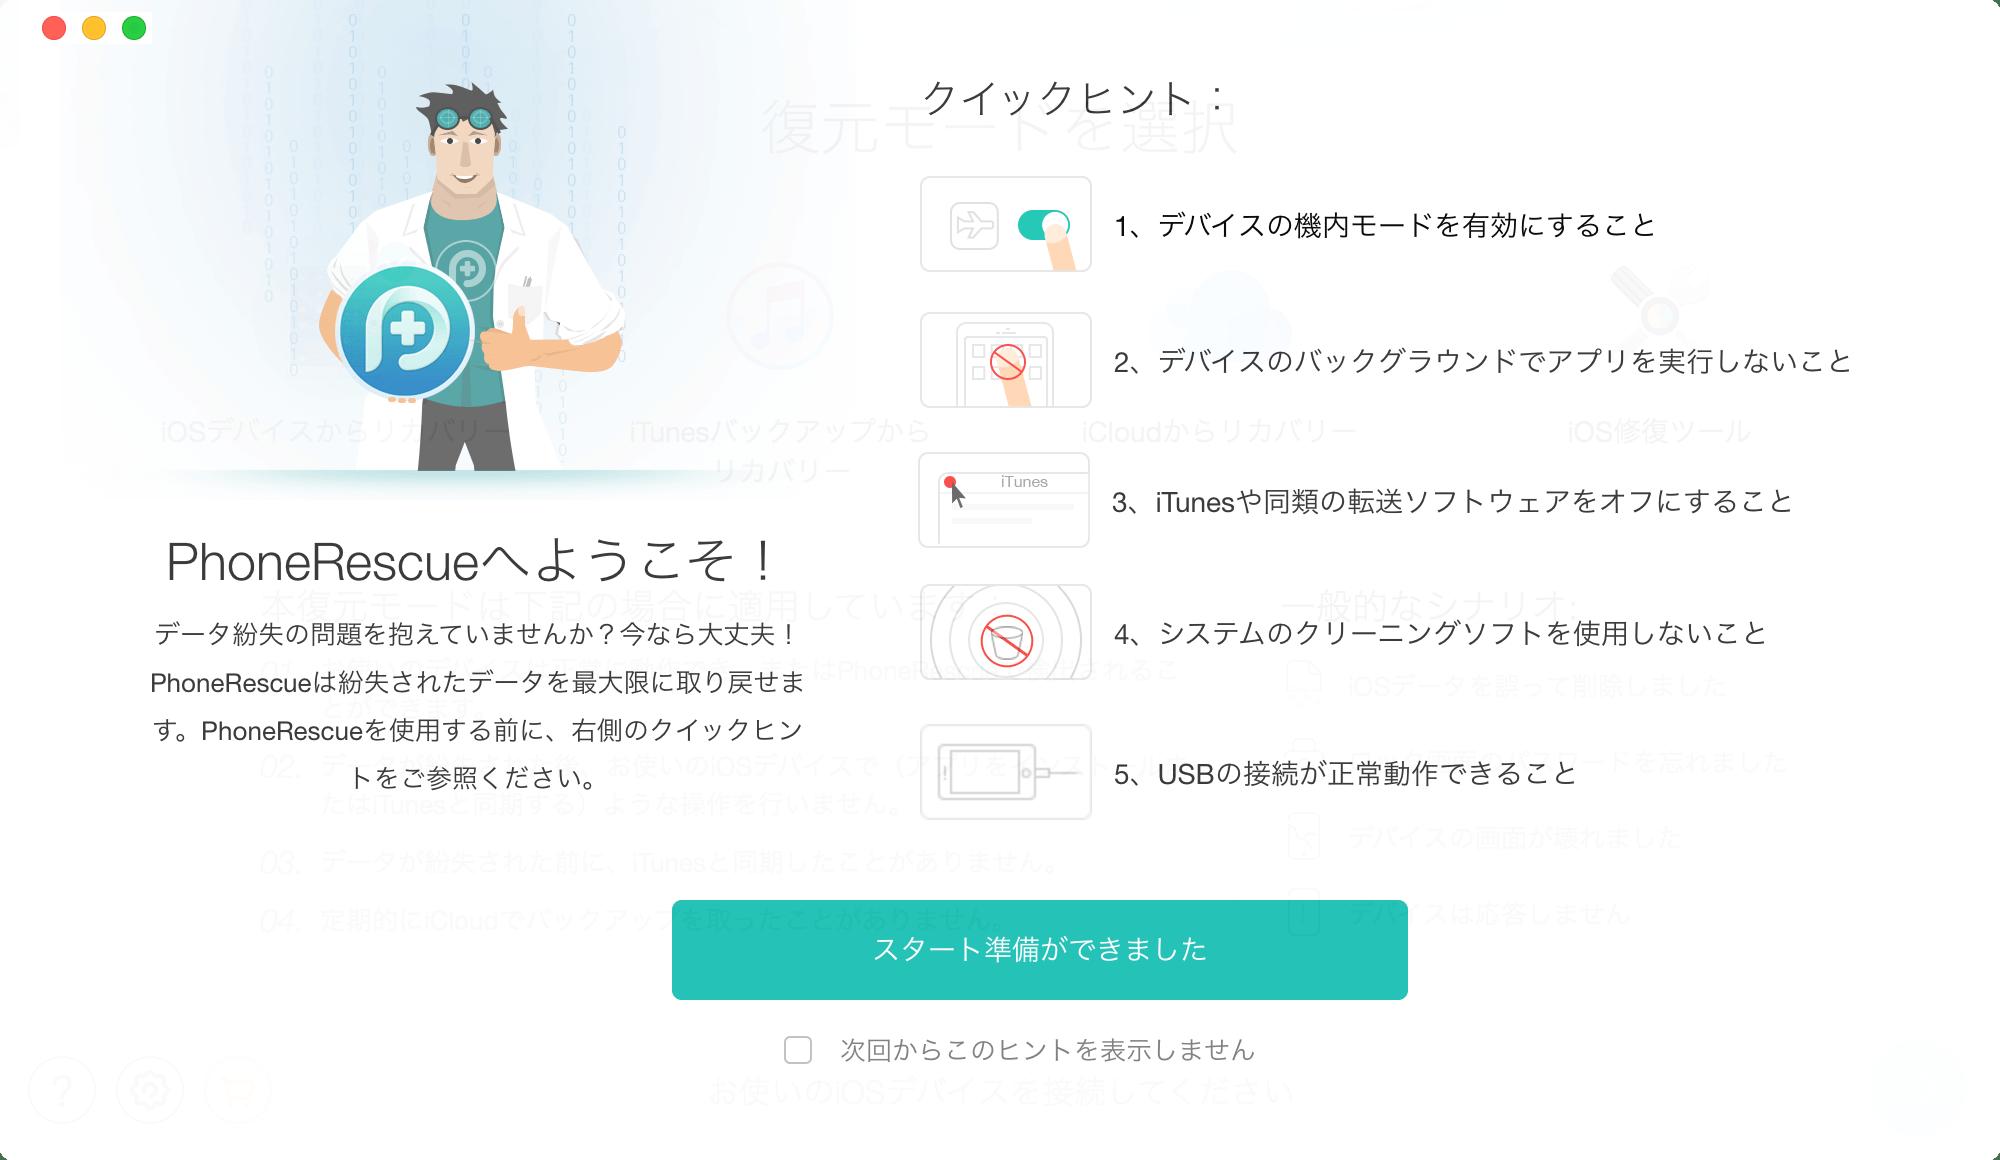 003_20160730-phonerescuere